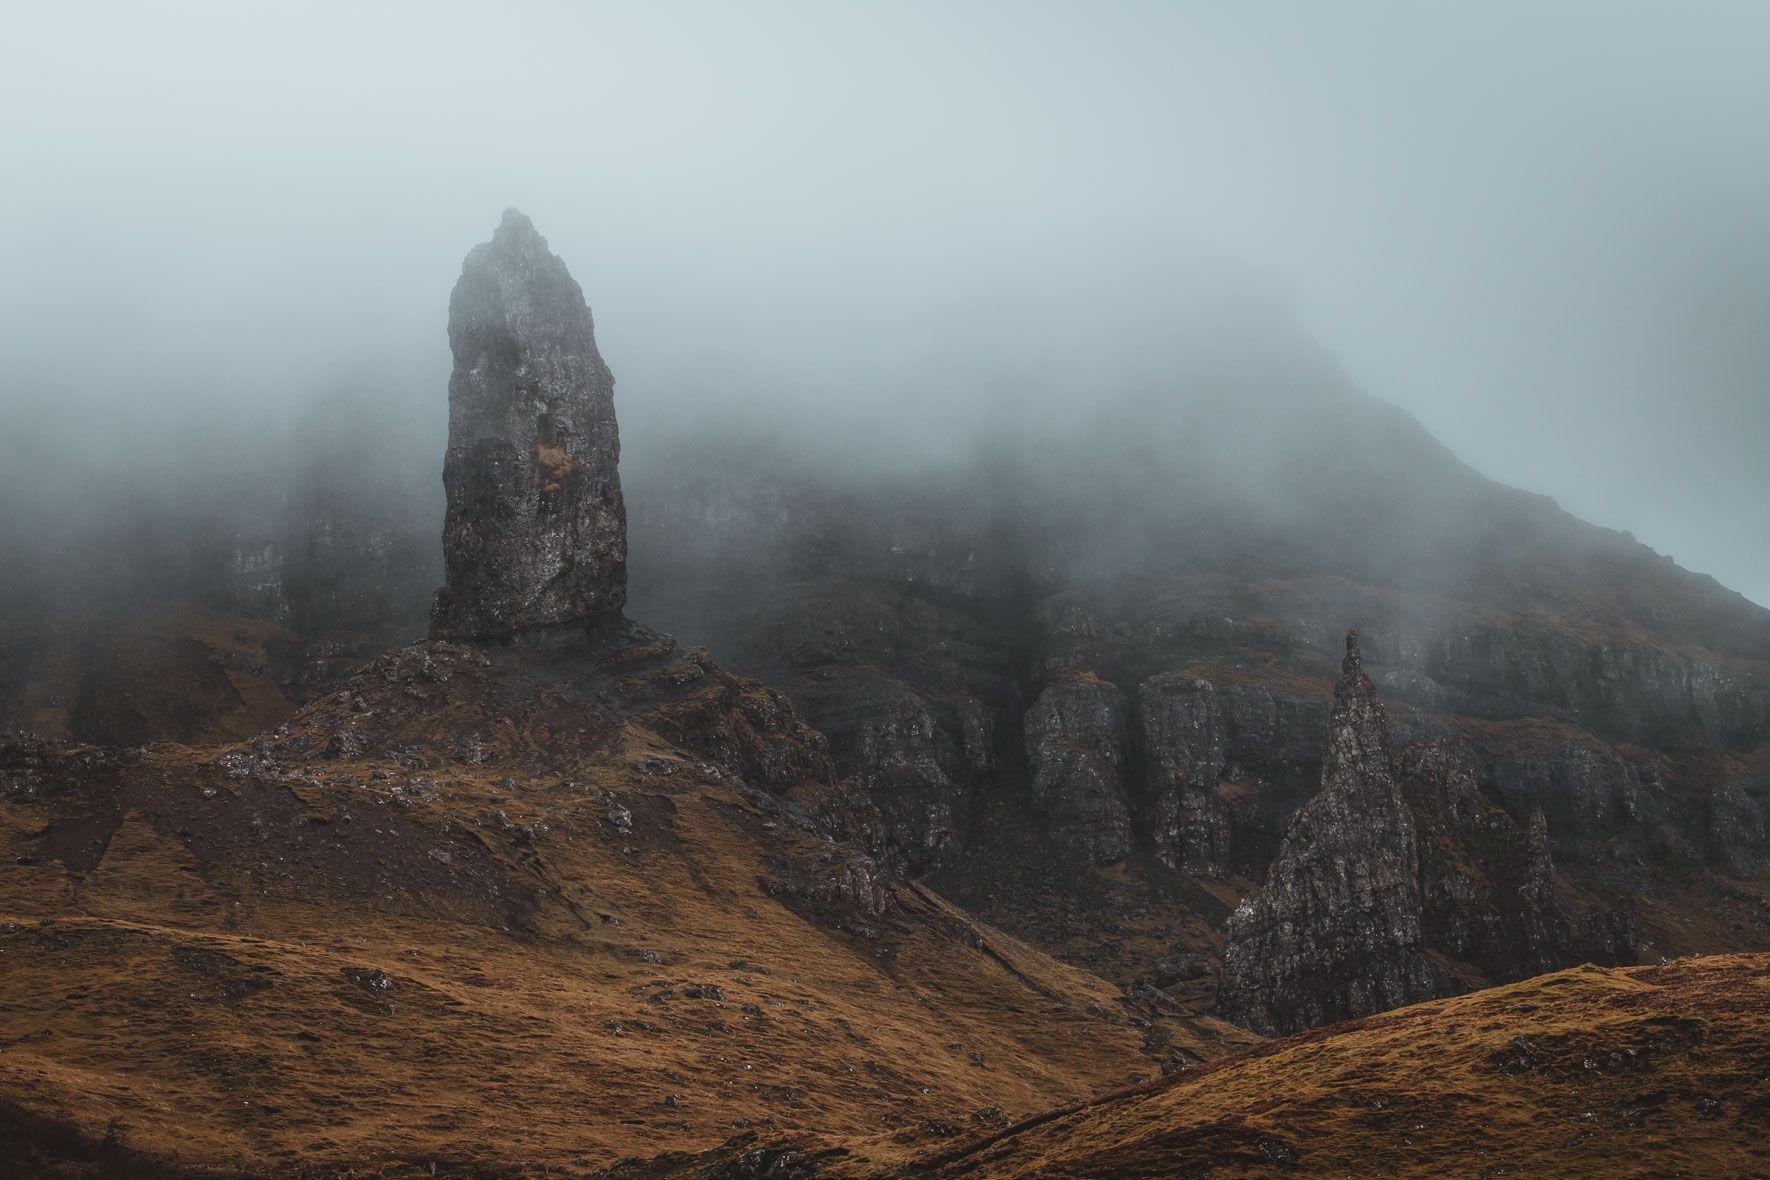 Moody Landscapes Lightroom Presets For Desktop Mobile Dng Landscape Photography Tutorial Landscape Photography Foggy Weather